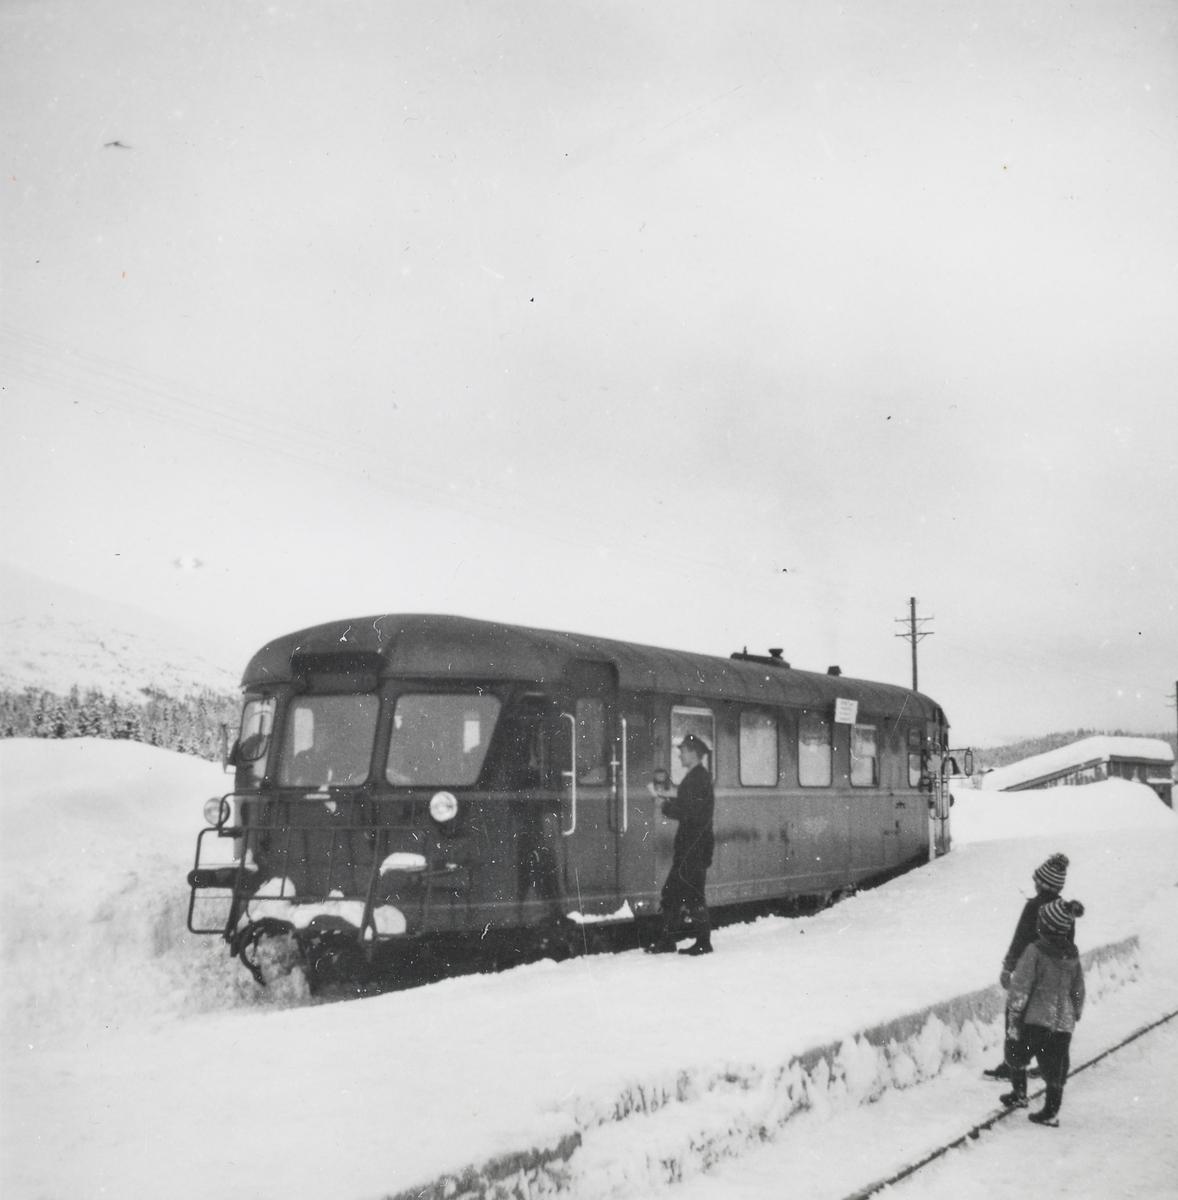 Dieselmotorvogn Cmdo 87 nr. 18306 på Drevja stasjon, muligens i forbindelse med befaring av strekningen Rognan-Røkland.